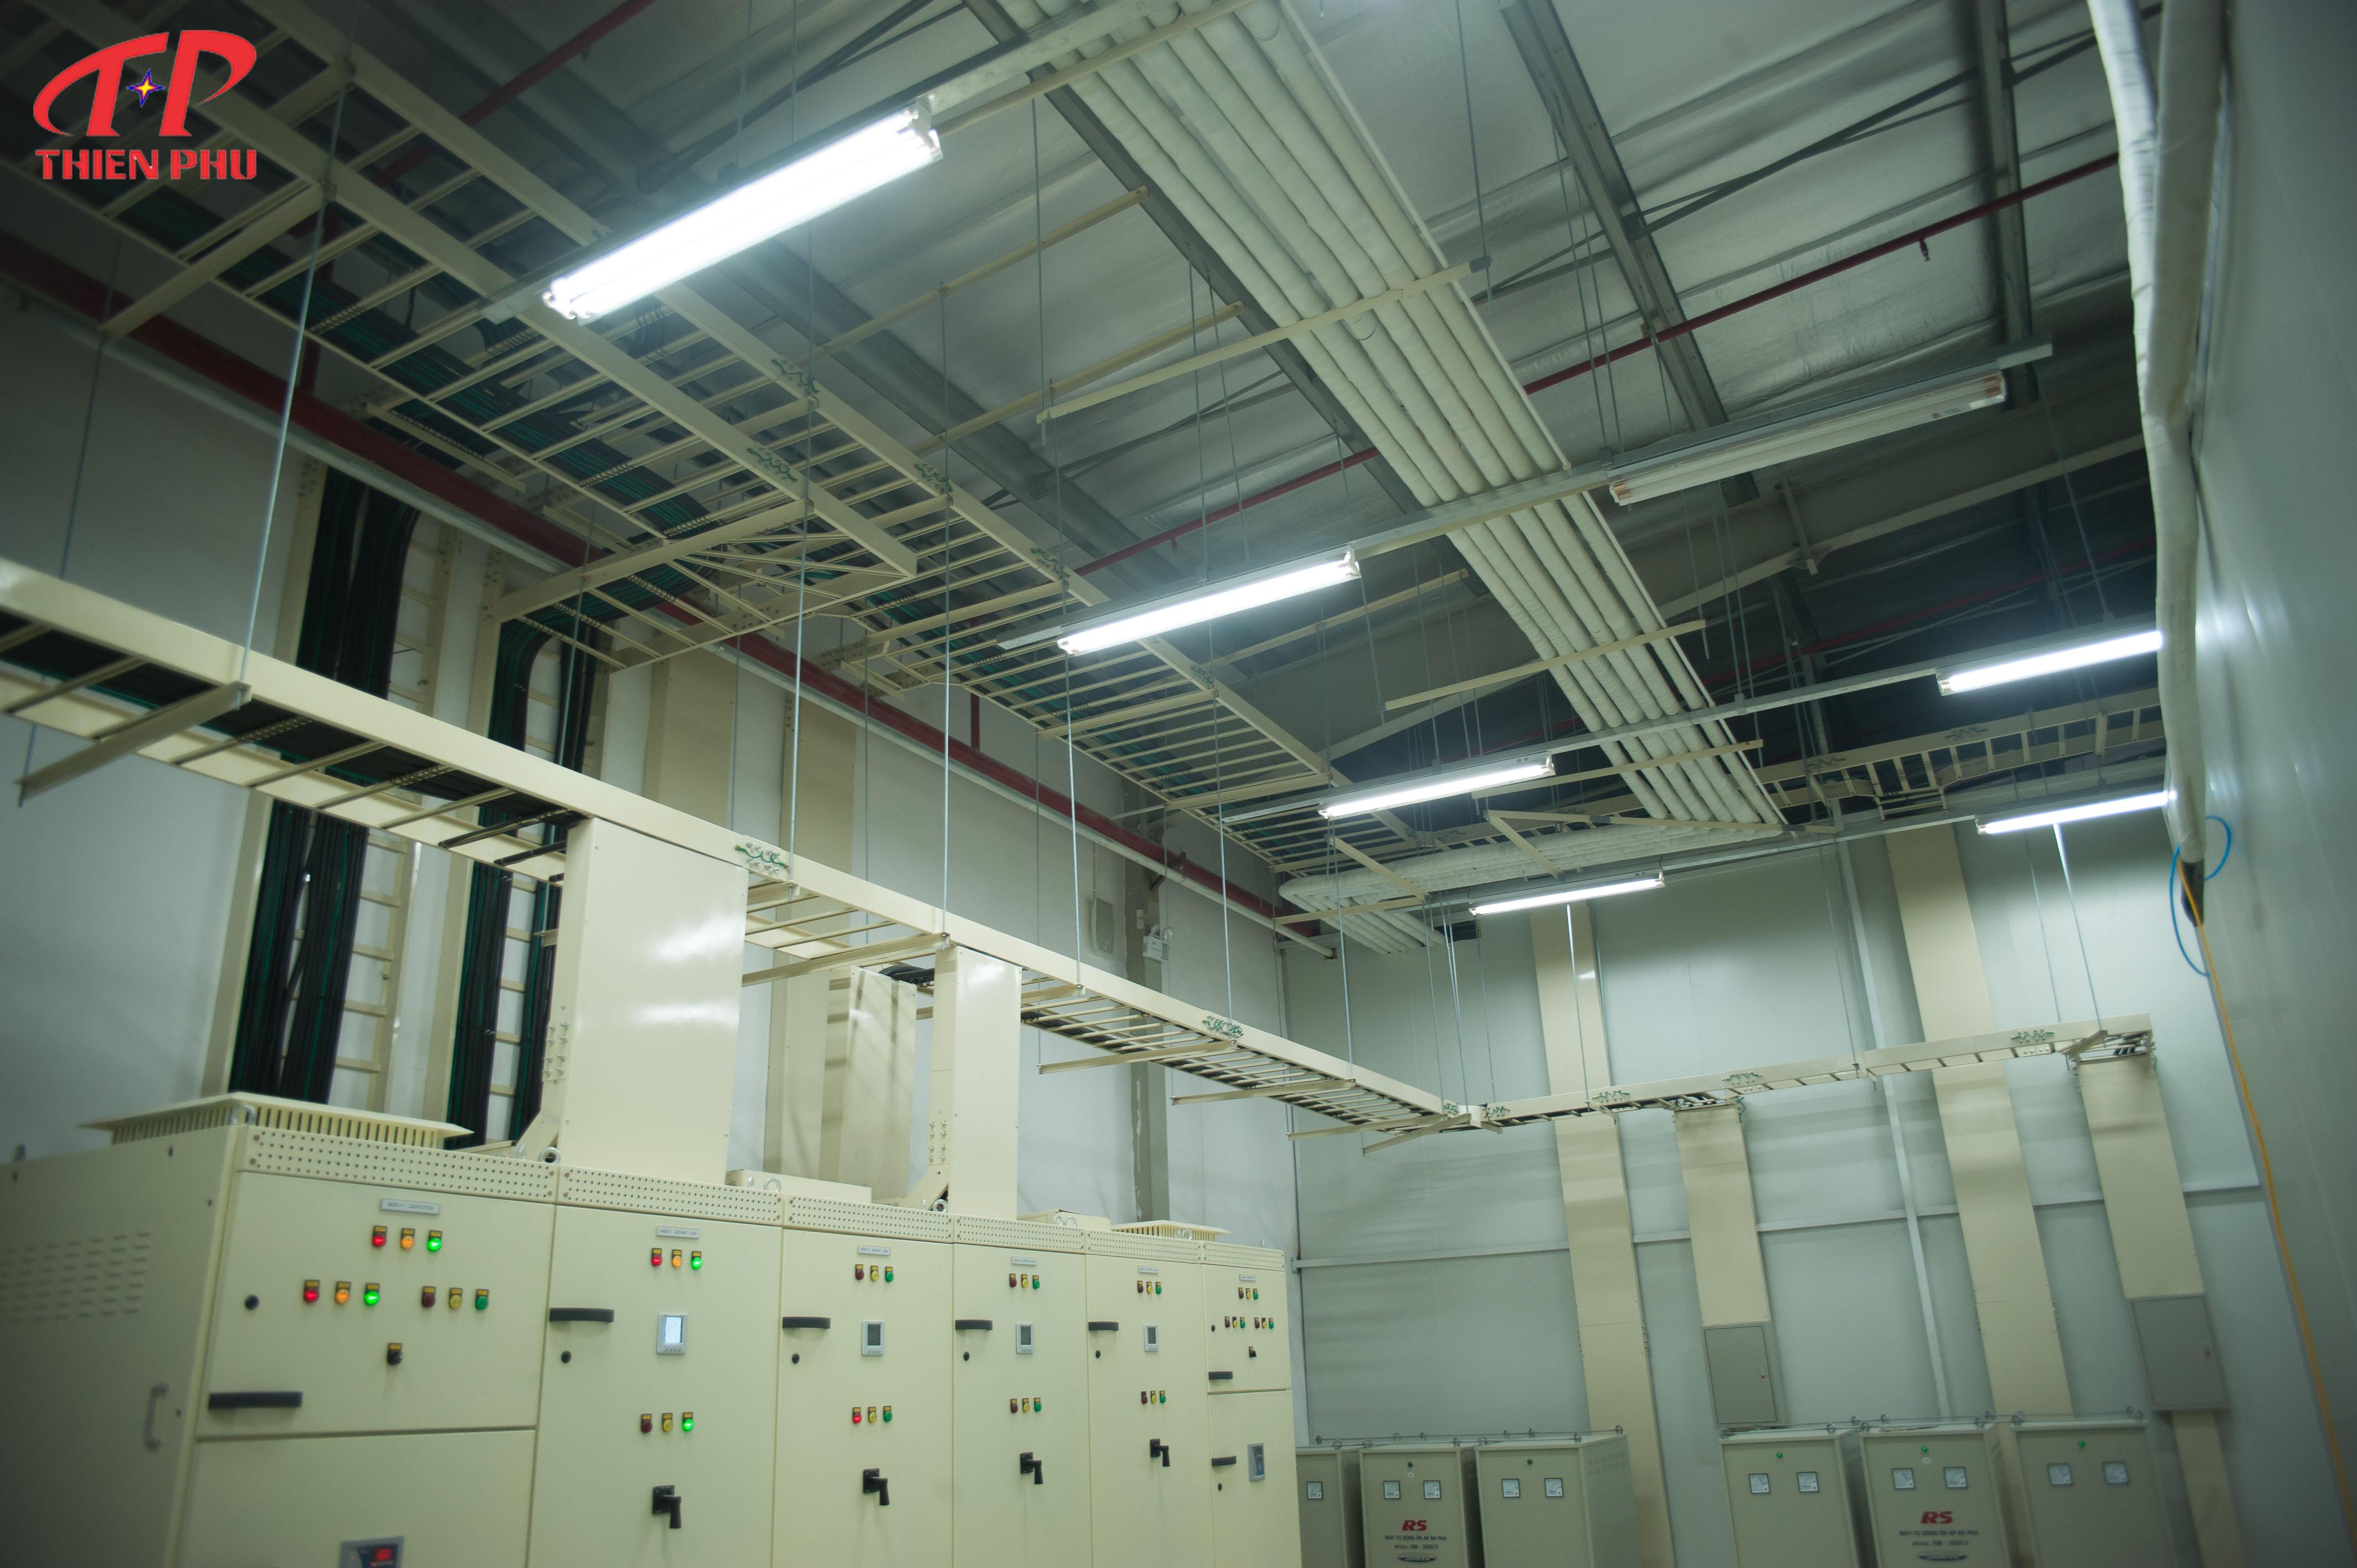 Nhận thầu thi công điện công nghiệp